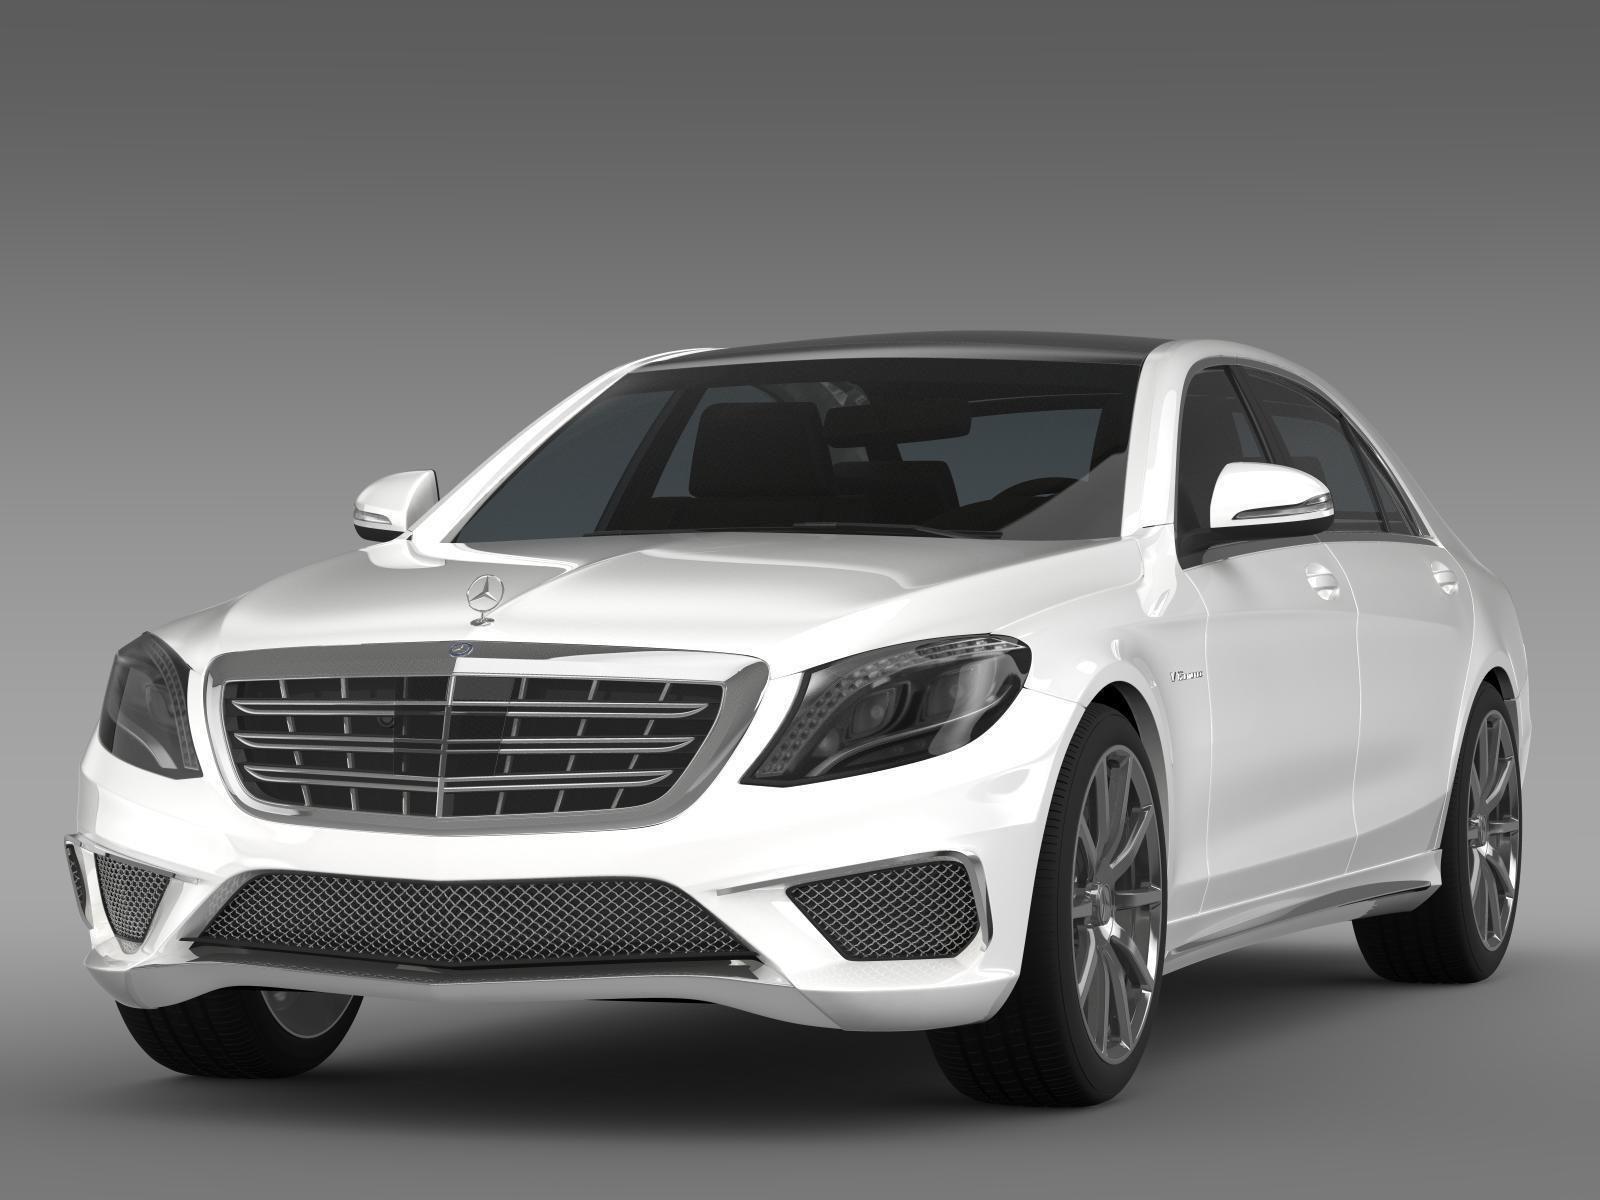 Mercedes benz s 65 amg w222 2014 3d model max obj 3ds fbx for Mercedes benz 2014 models